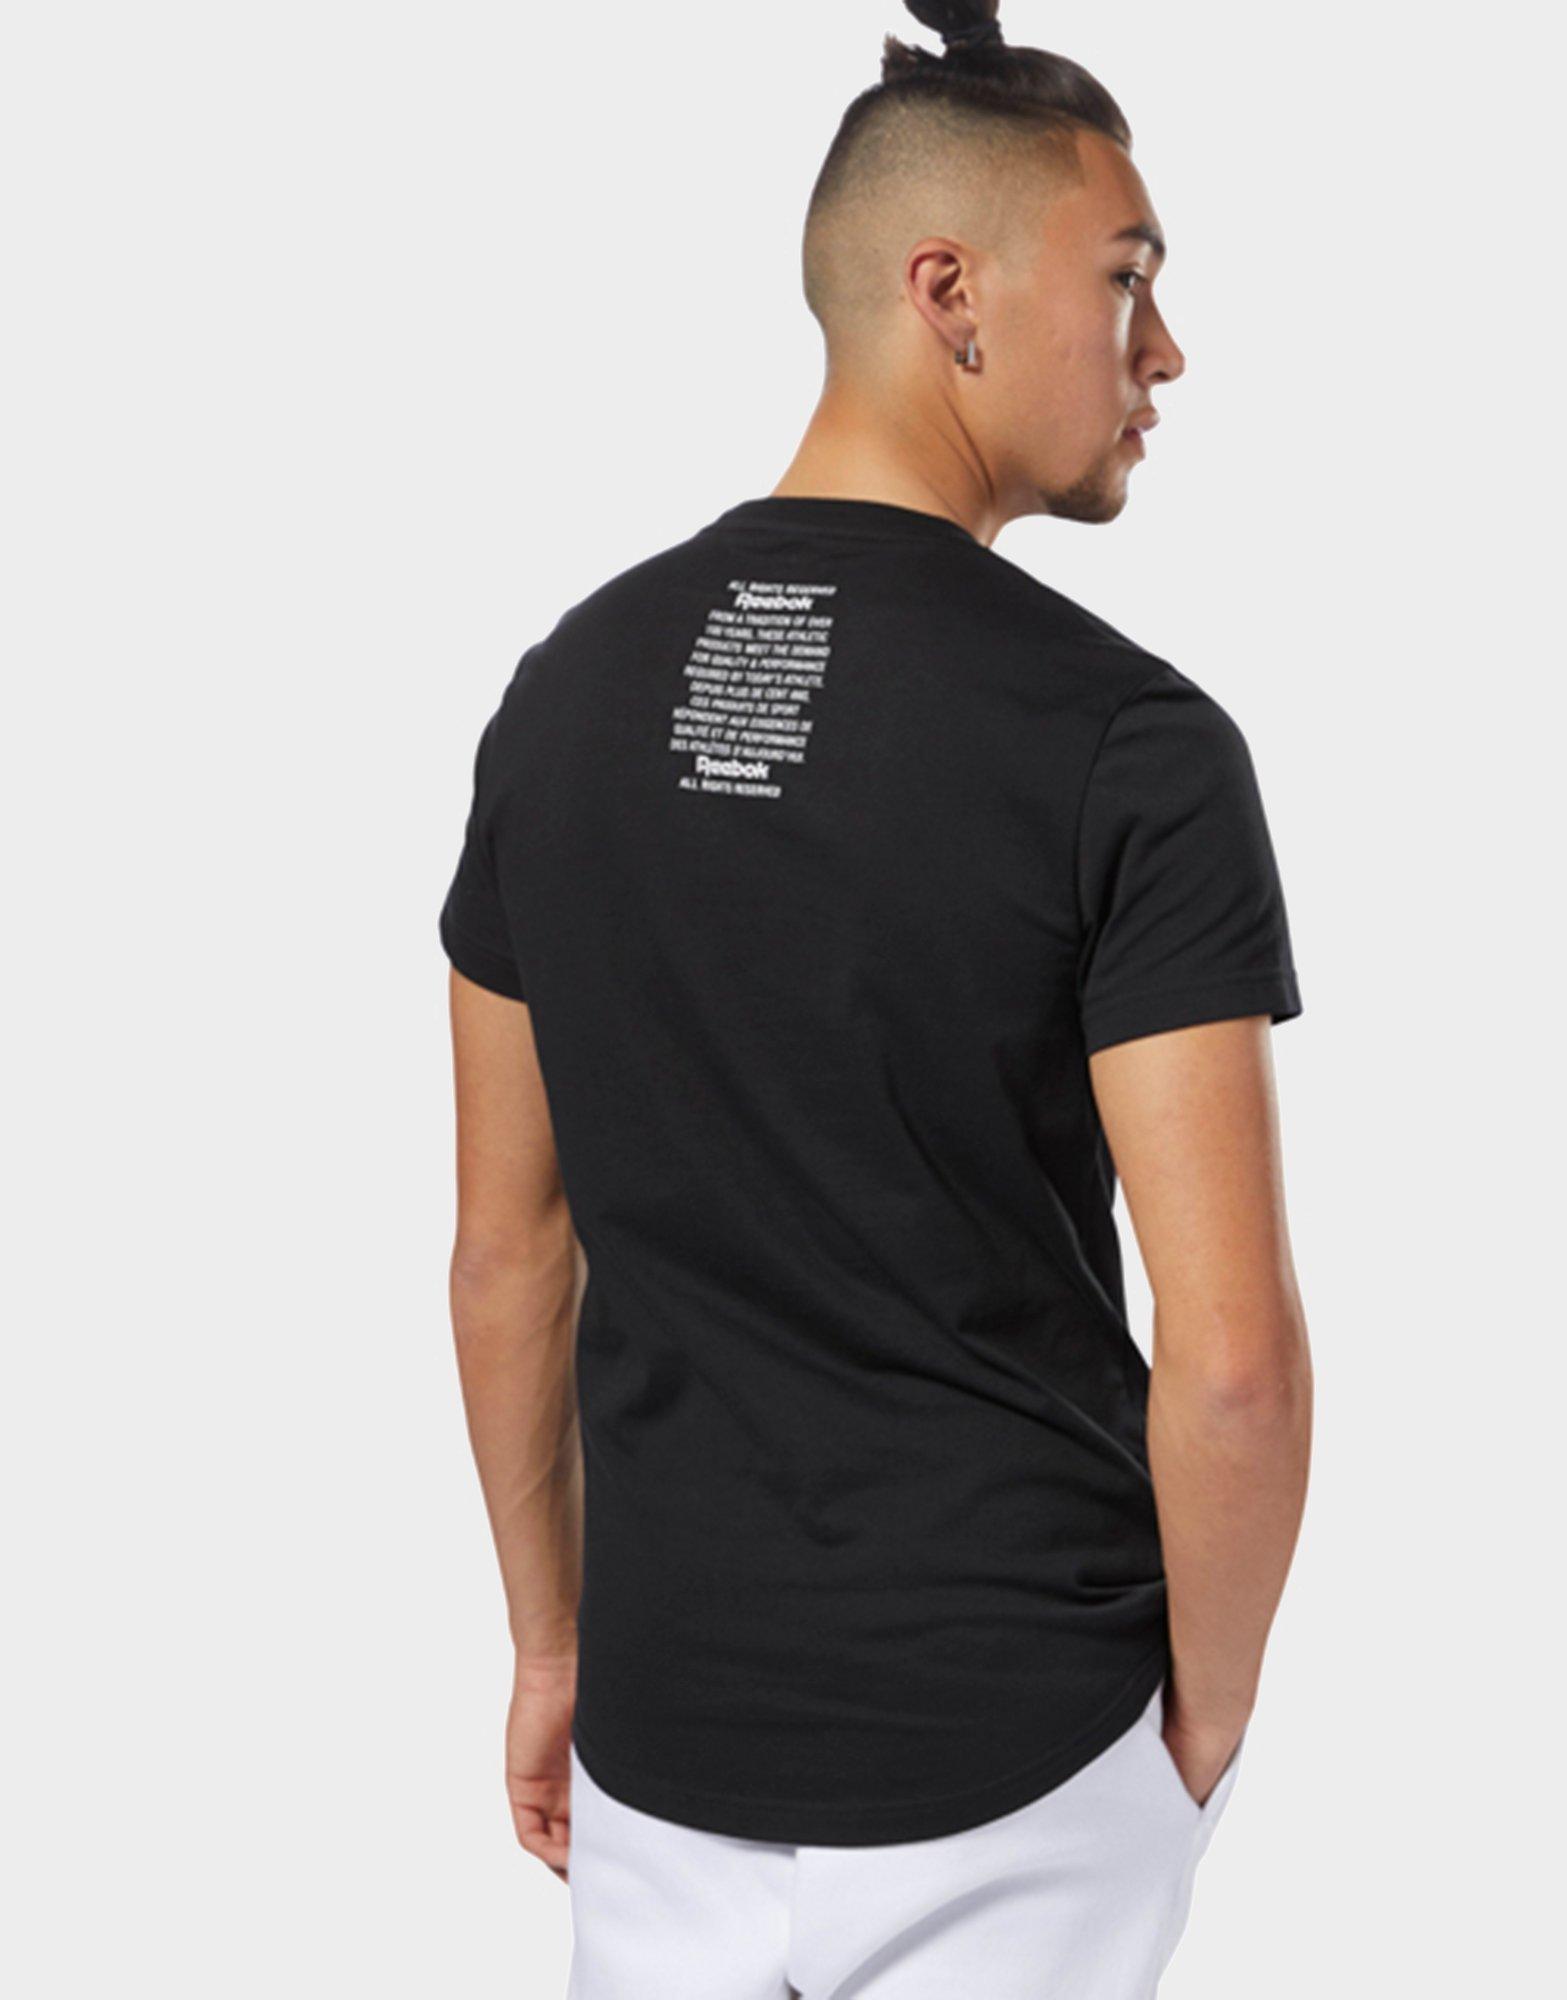 d169008d Reebok Black Classics Unisex Short Sleeve Extended Tee for men